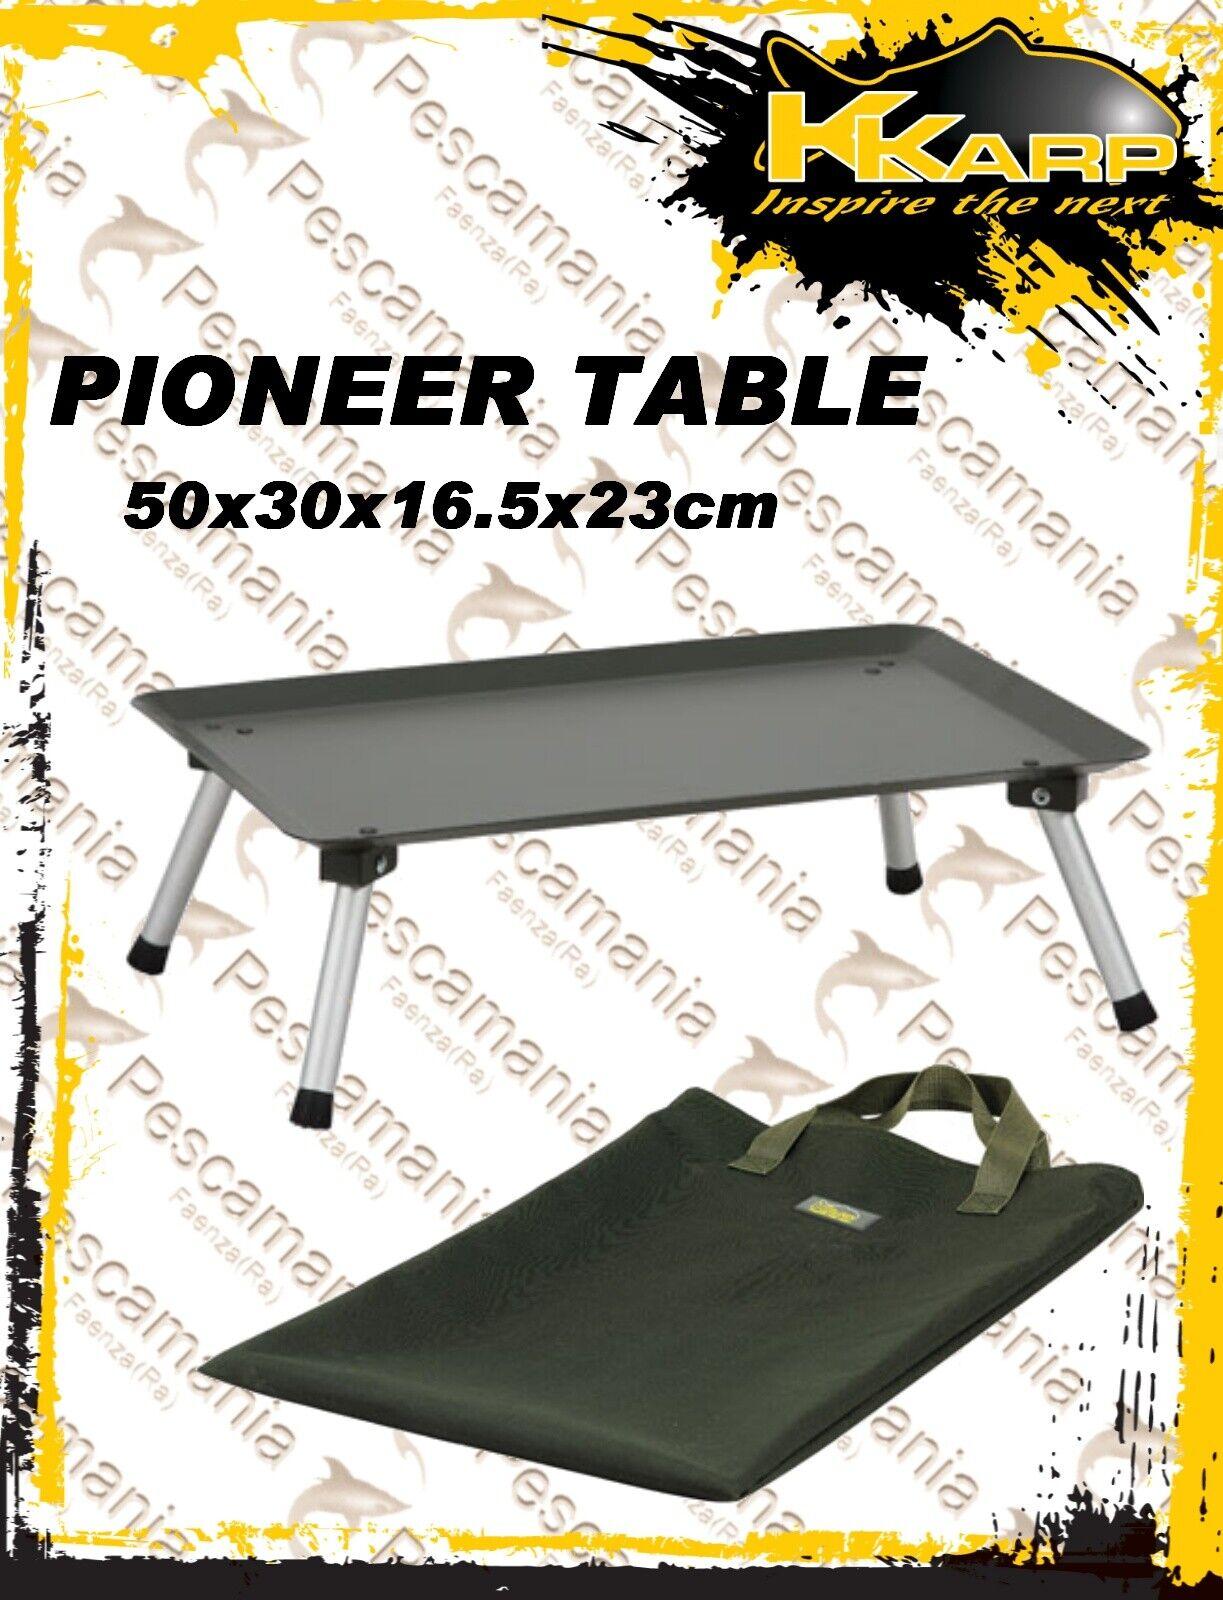 Tavolino tuttiuminio gambe regolabili KKarp Pioneer Table Wborsa XL autopfishing